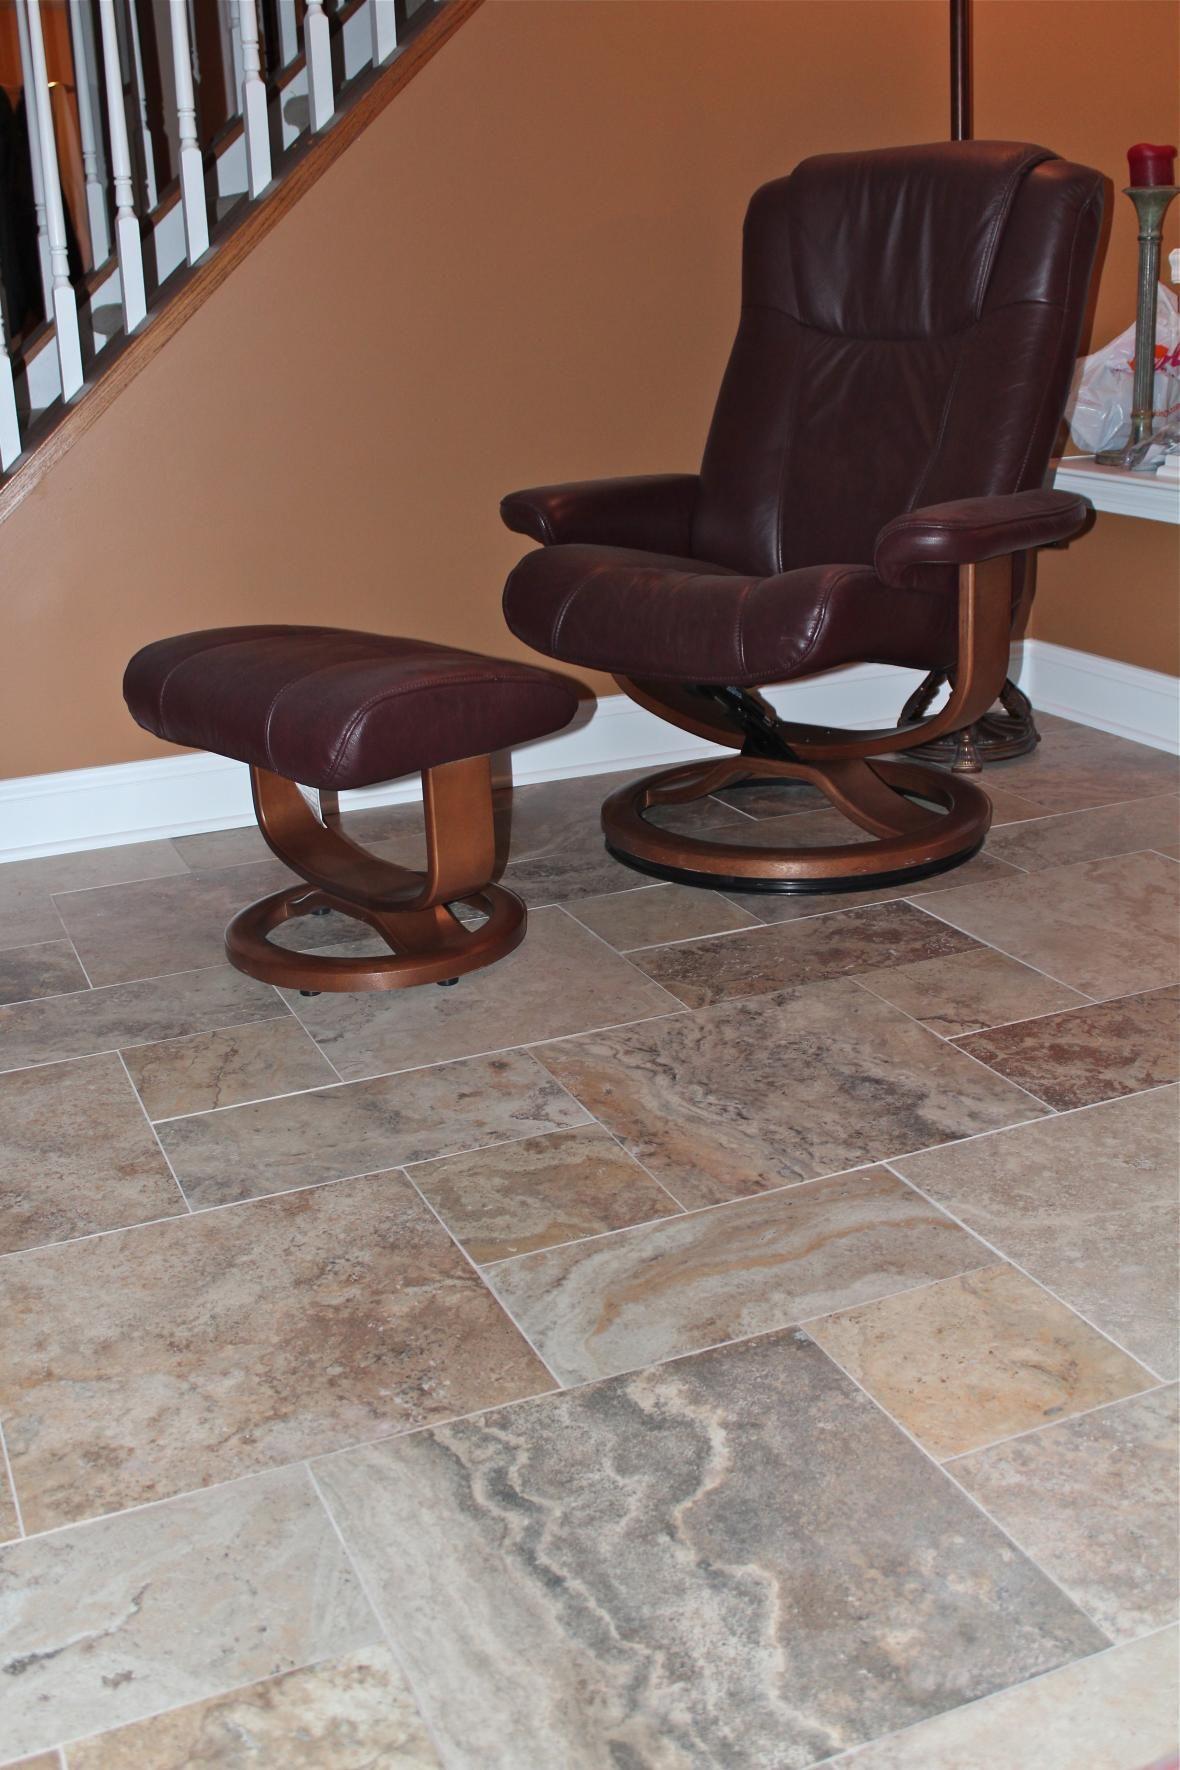 Tile Floor In Family Room  Floored  Pinterest  Tile Flooring Simple Living Room Floor Tiles Design 2018